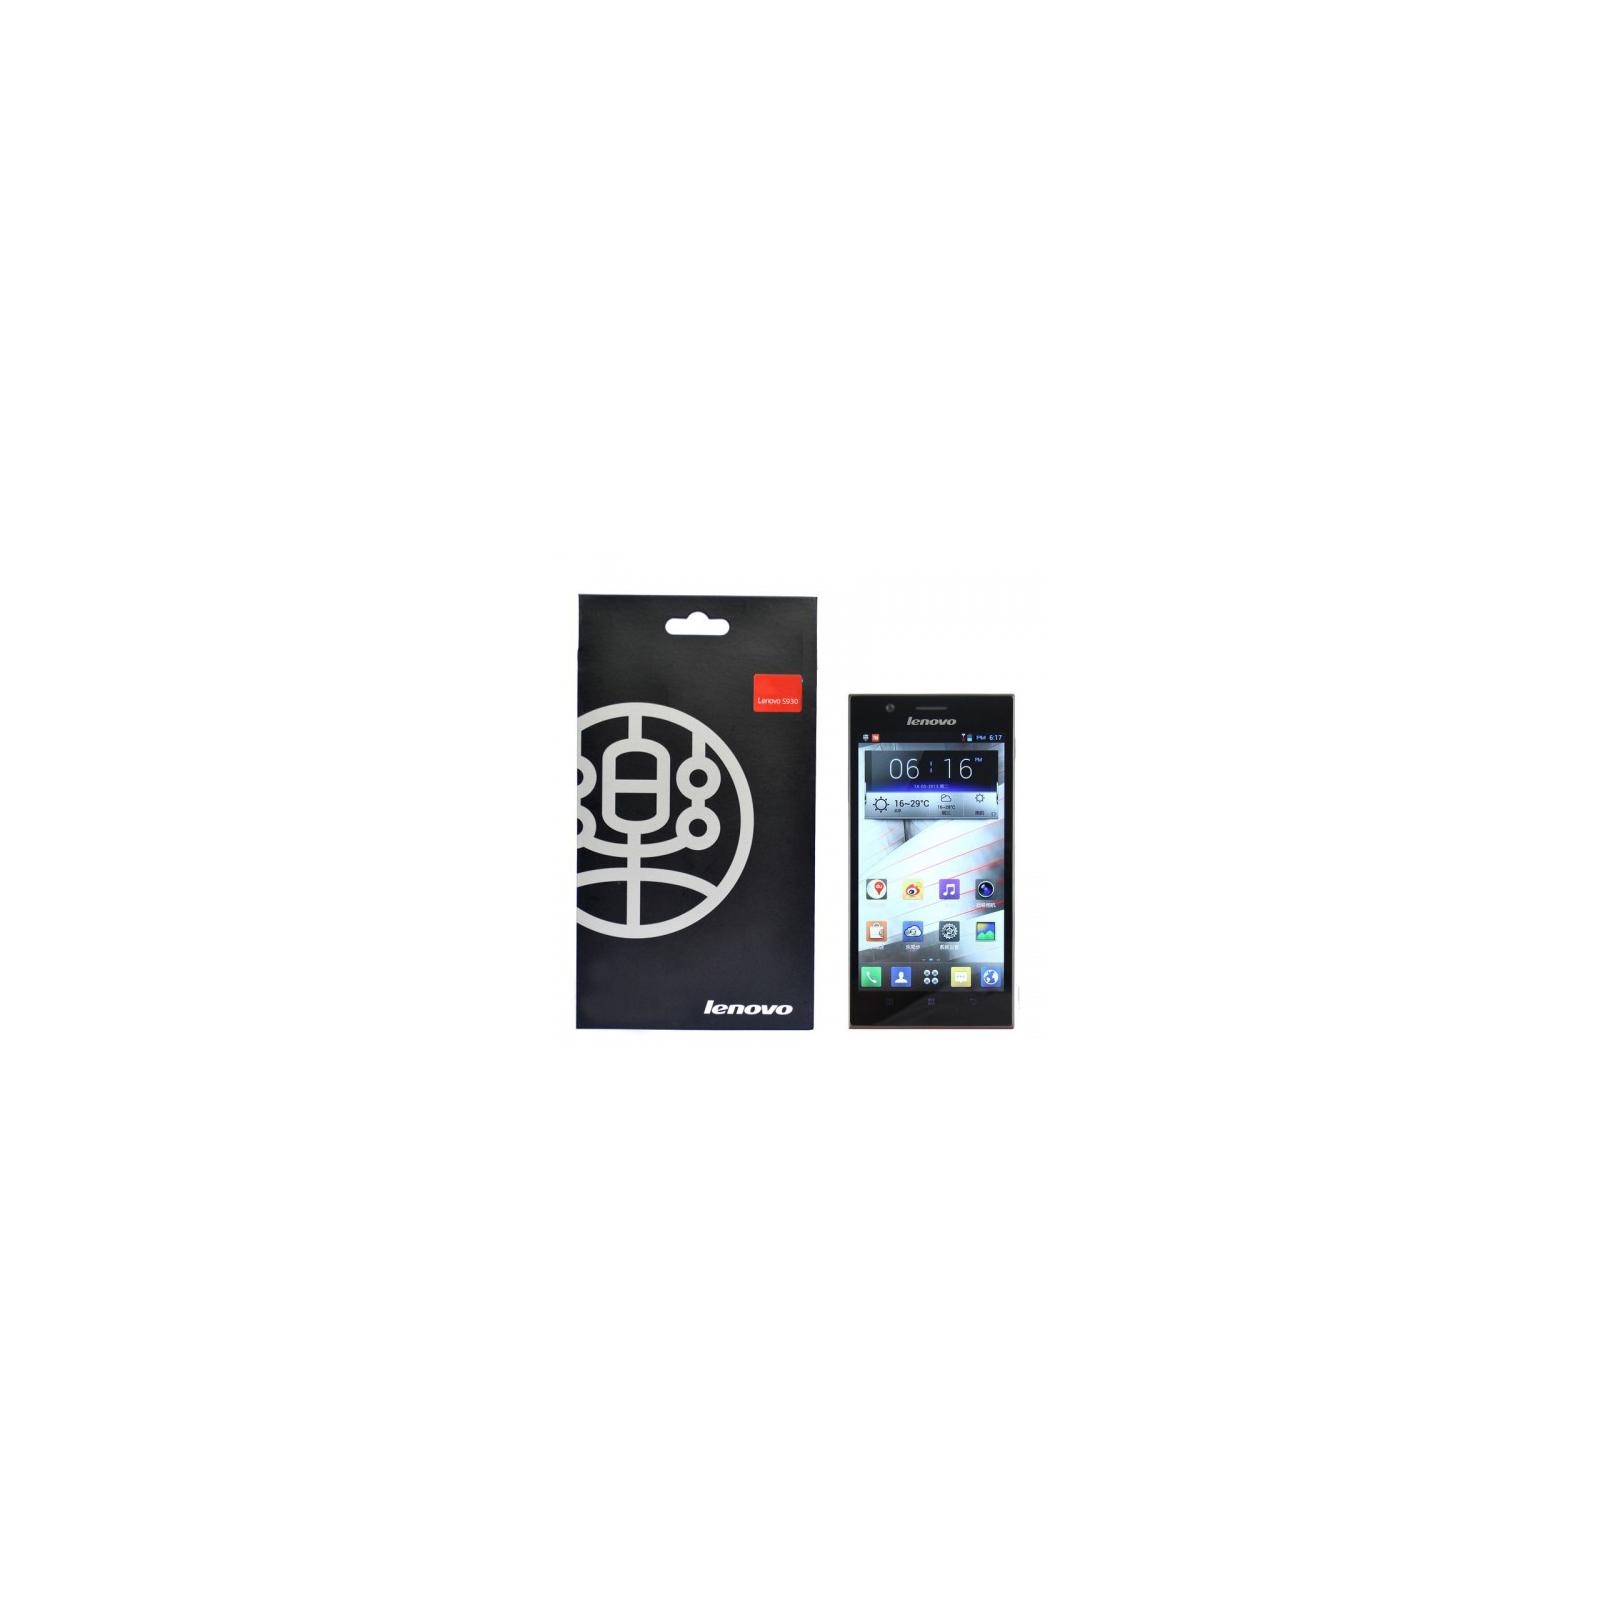 Пленка защитная Lenovo K900 (LBPG39A464JD)